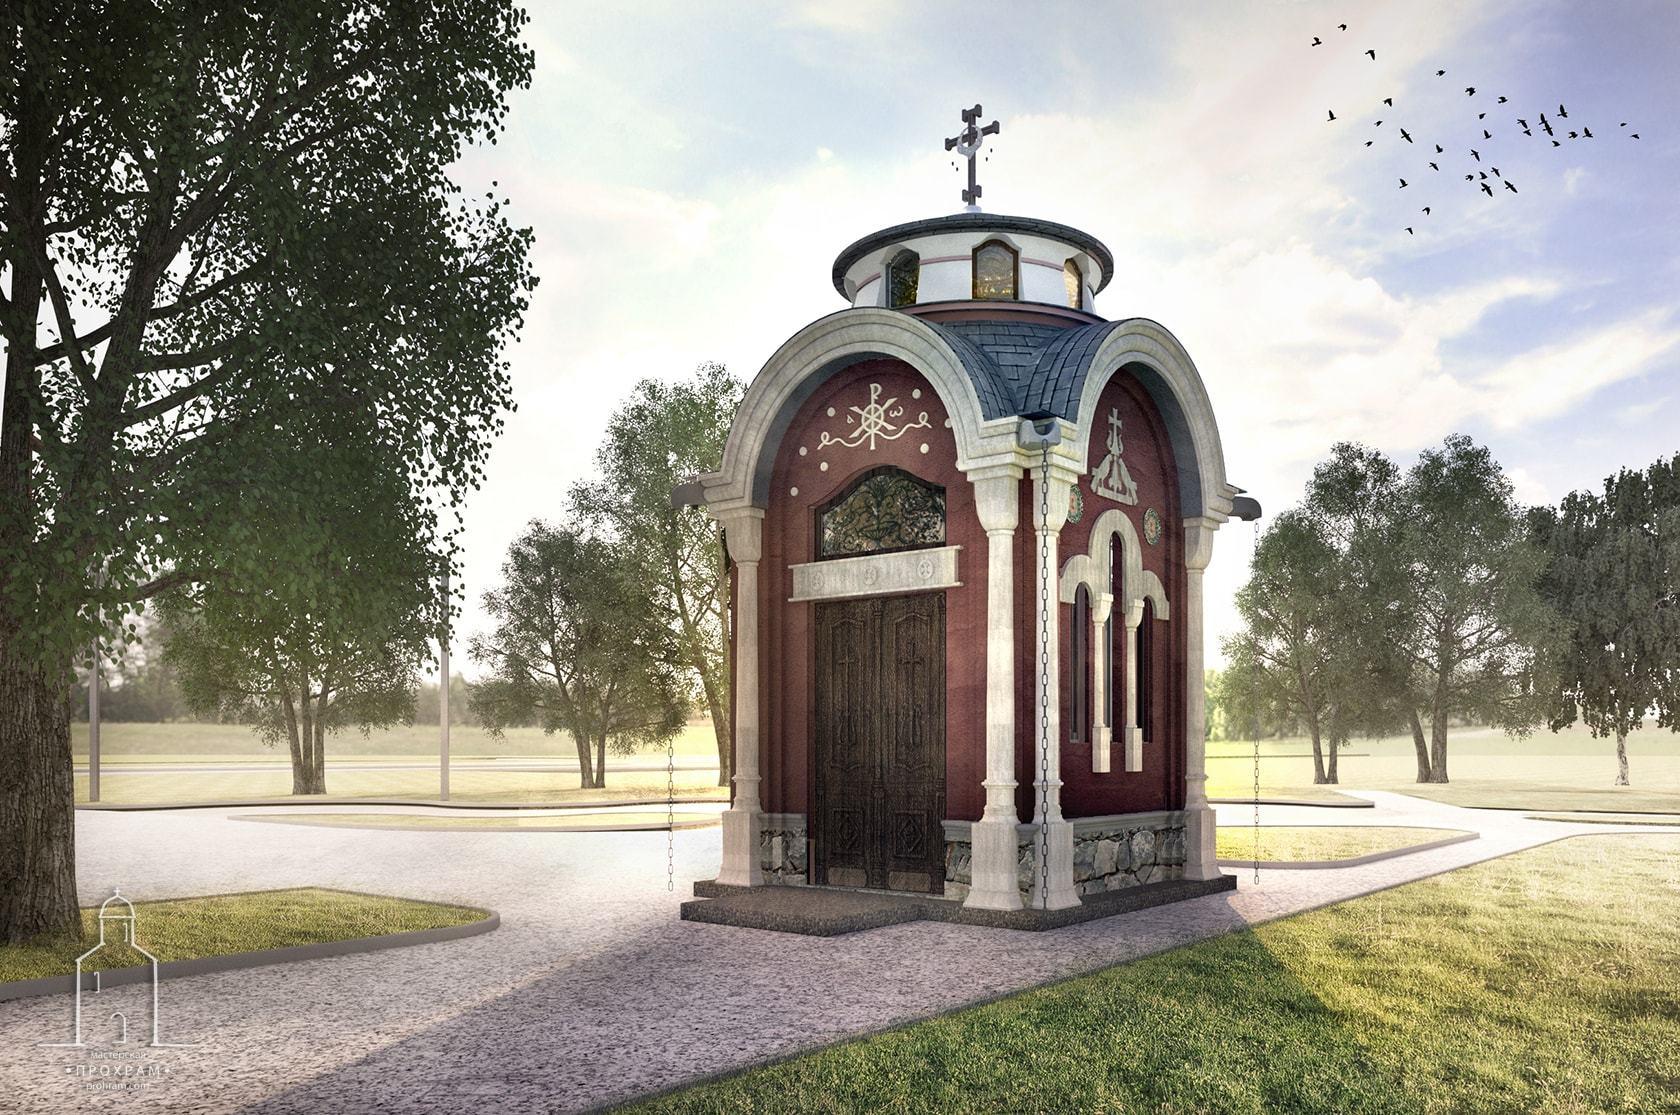 часовня в Минске, визуализация, проект часовни, проектирование православных храмов, храмовая архиетктура